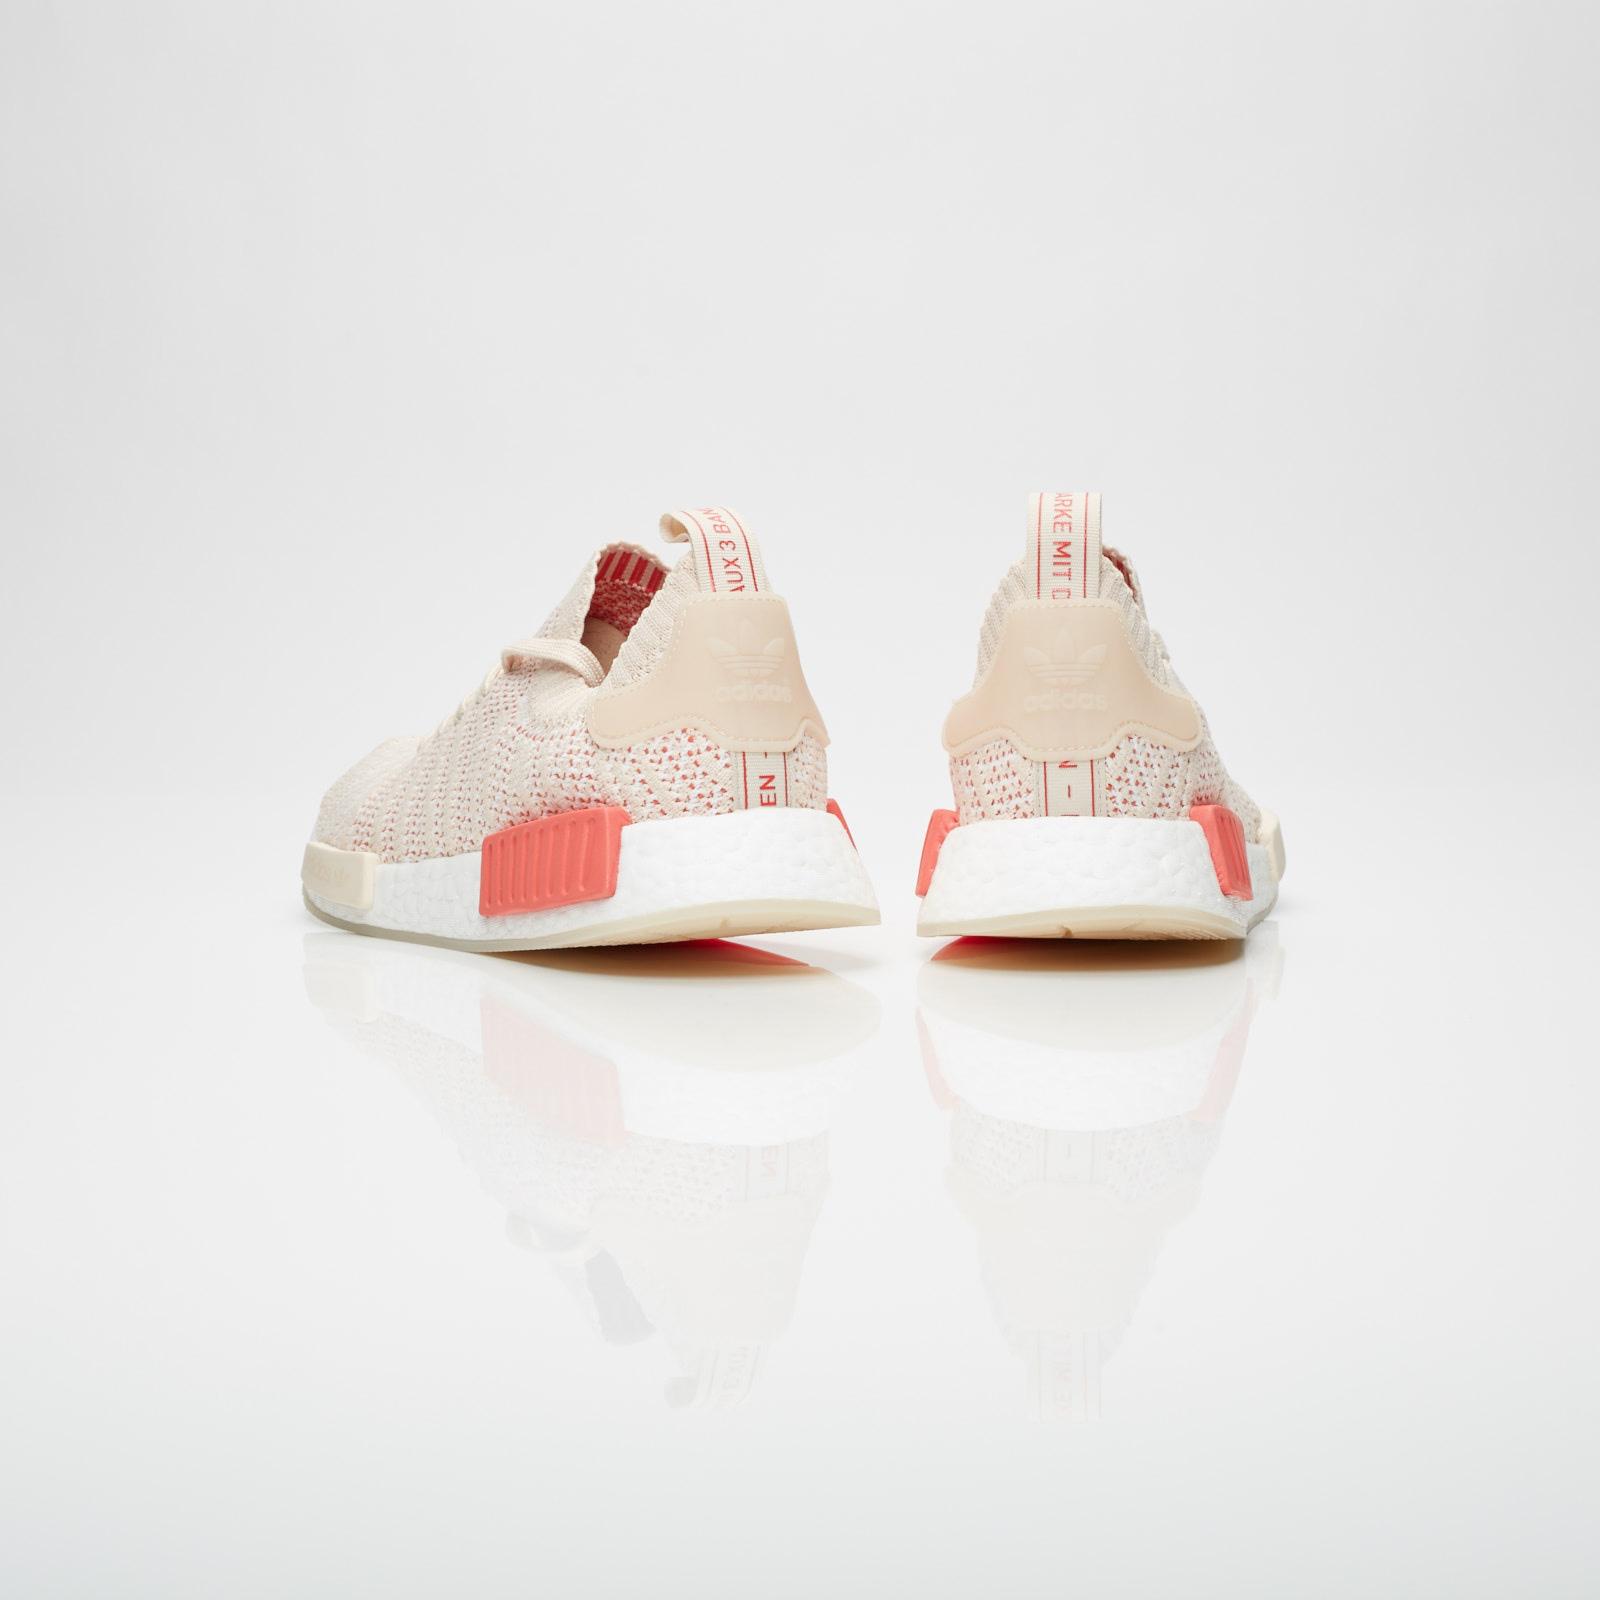 wholesale dealer d65bf 09348 adidas NMD R1 Stlt PK W - Cq2030 - Sneakersnstuff   sneakers   streetwear  online since 1999